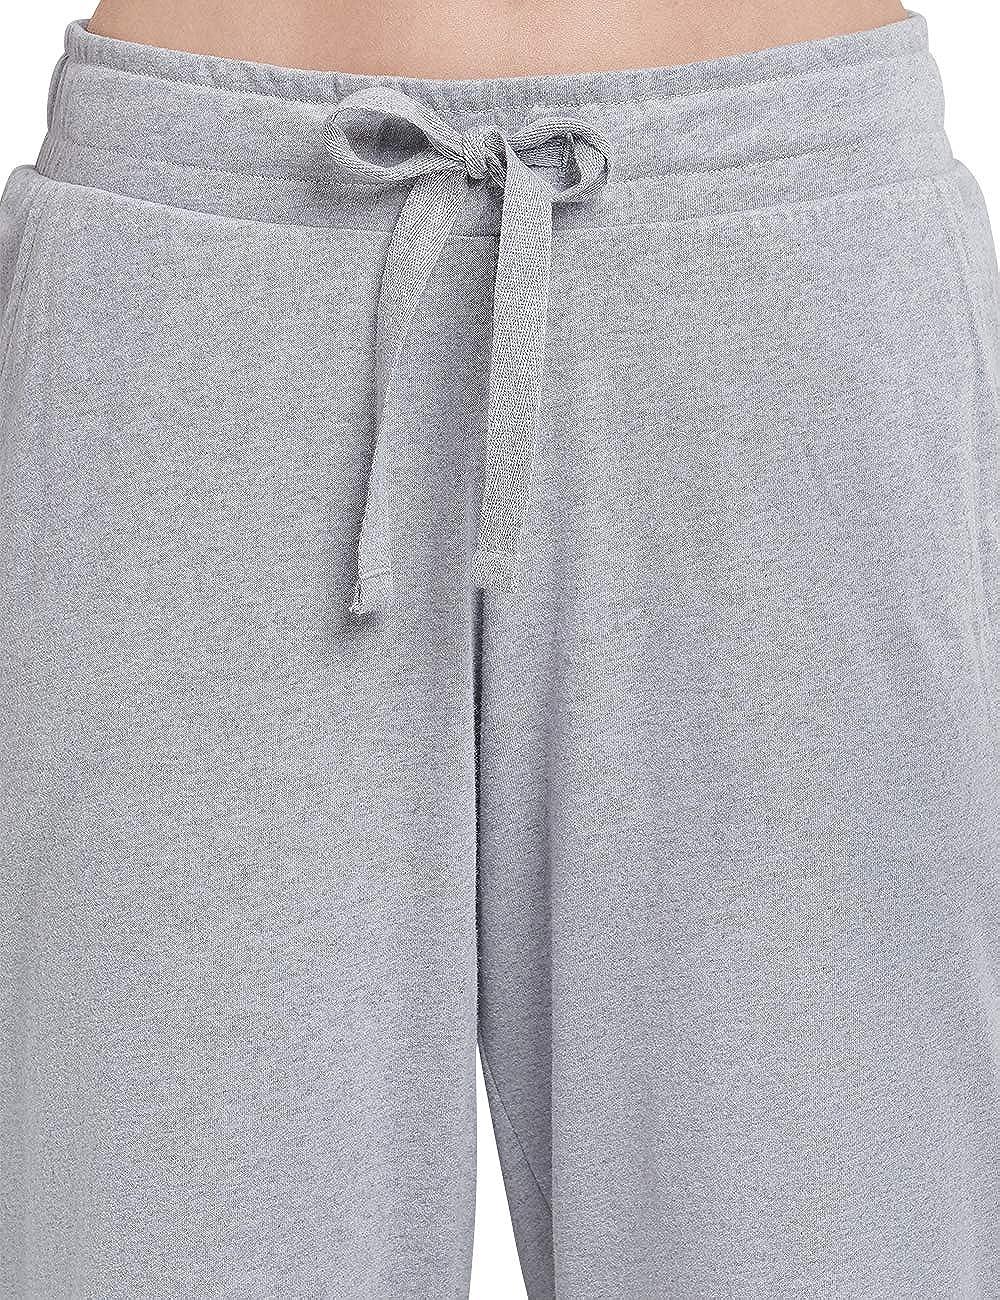 Schiesser Mix /& Relax Jerseyhose Lang Pantalones de Pijama para Mujer